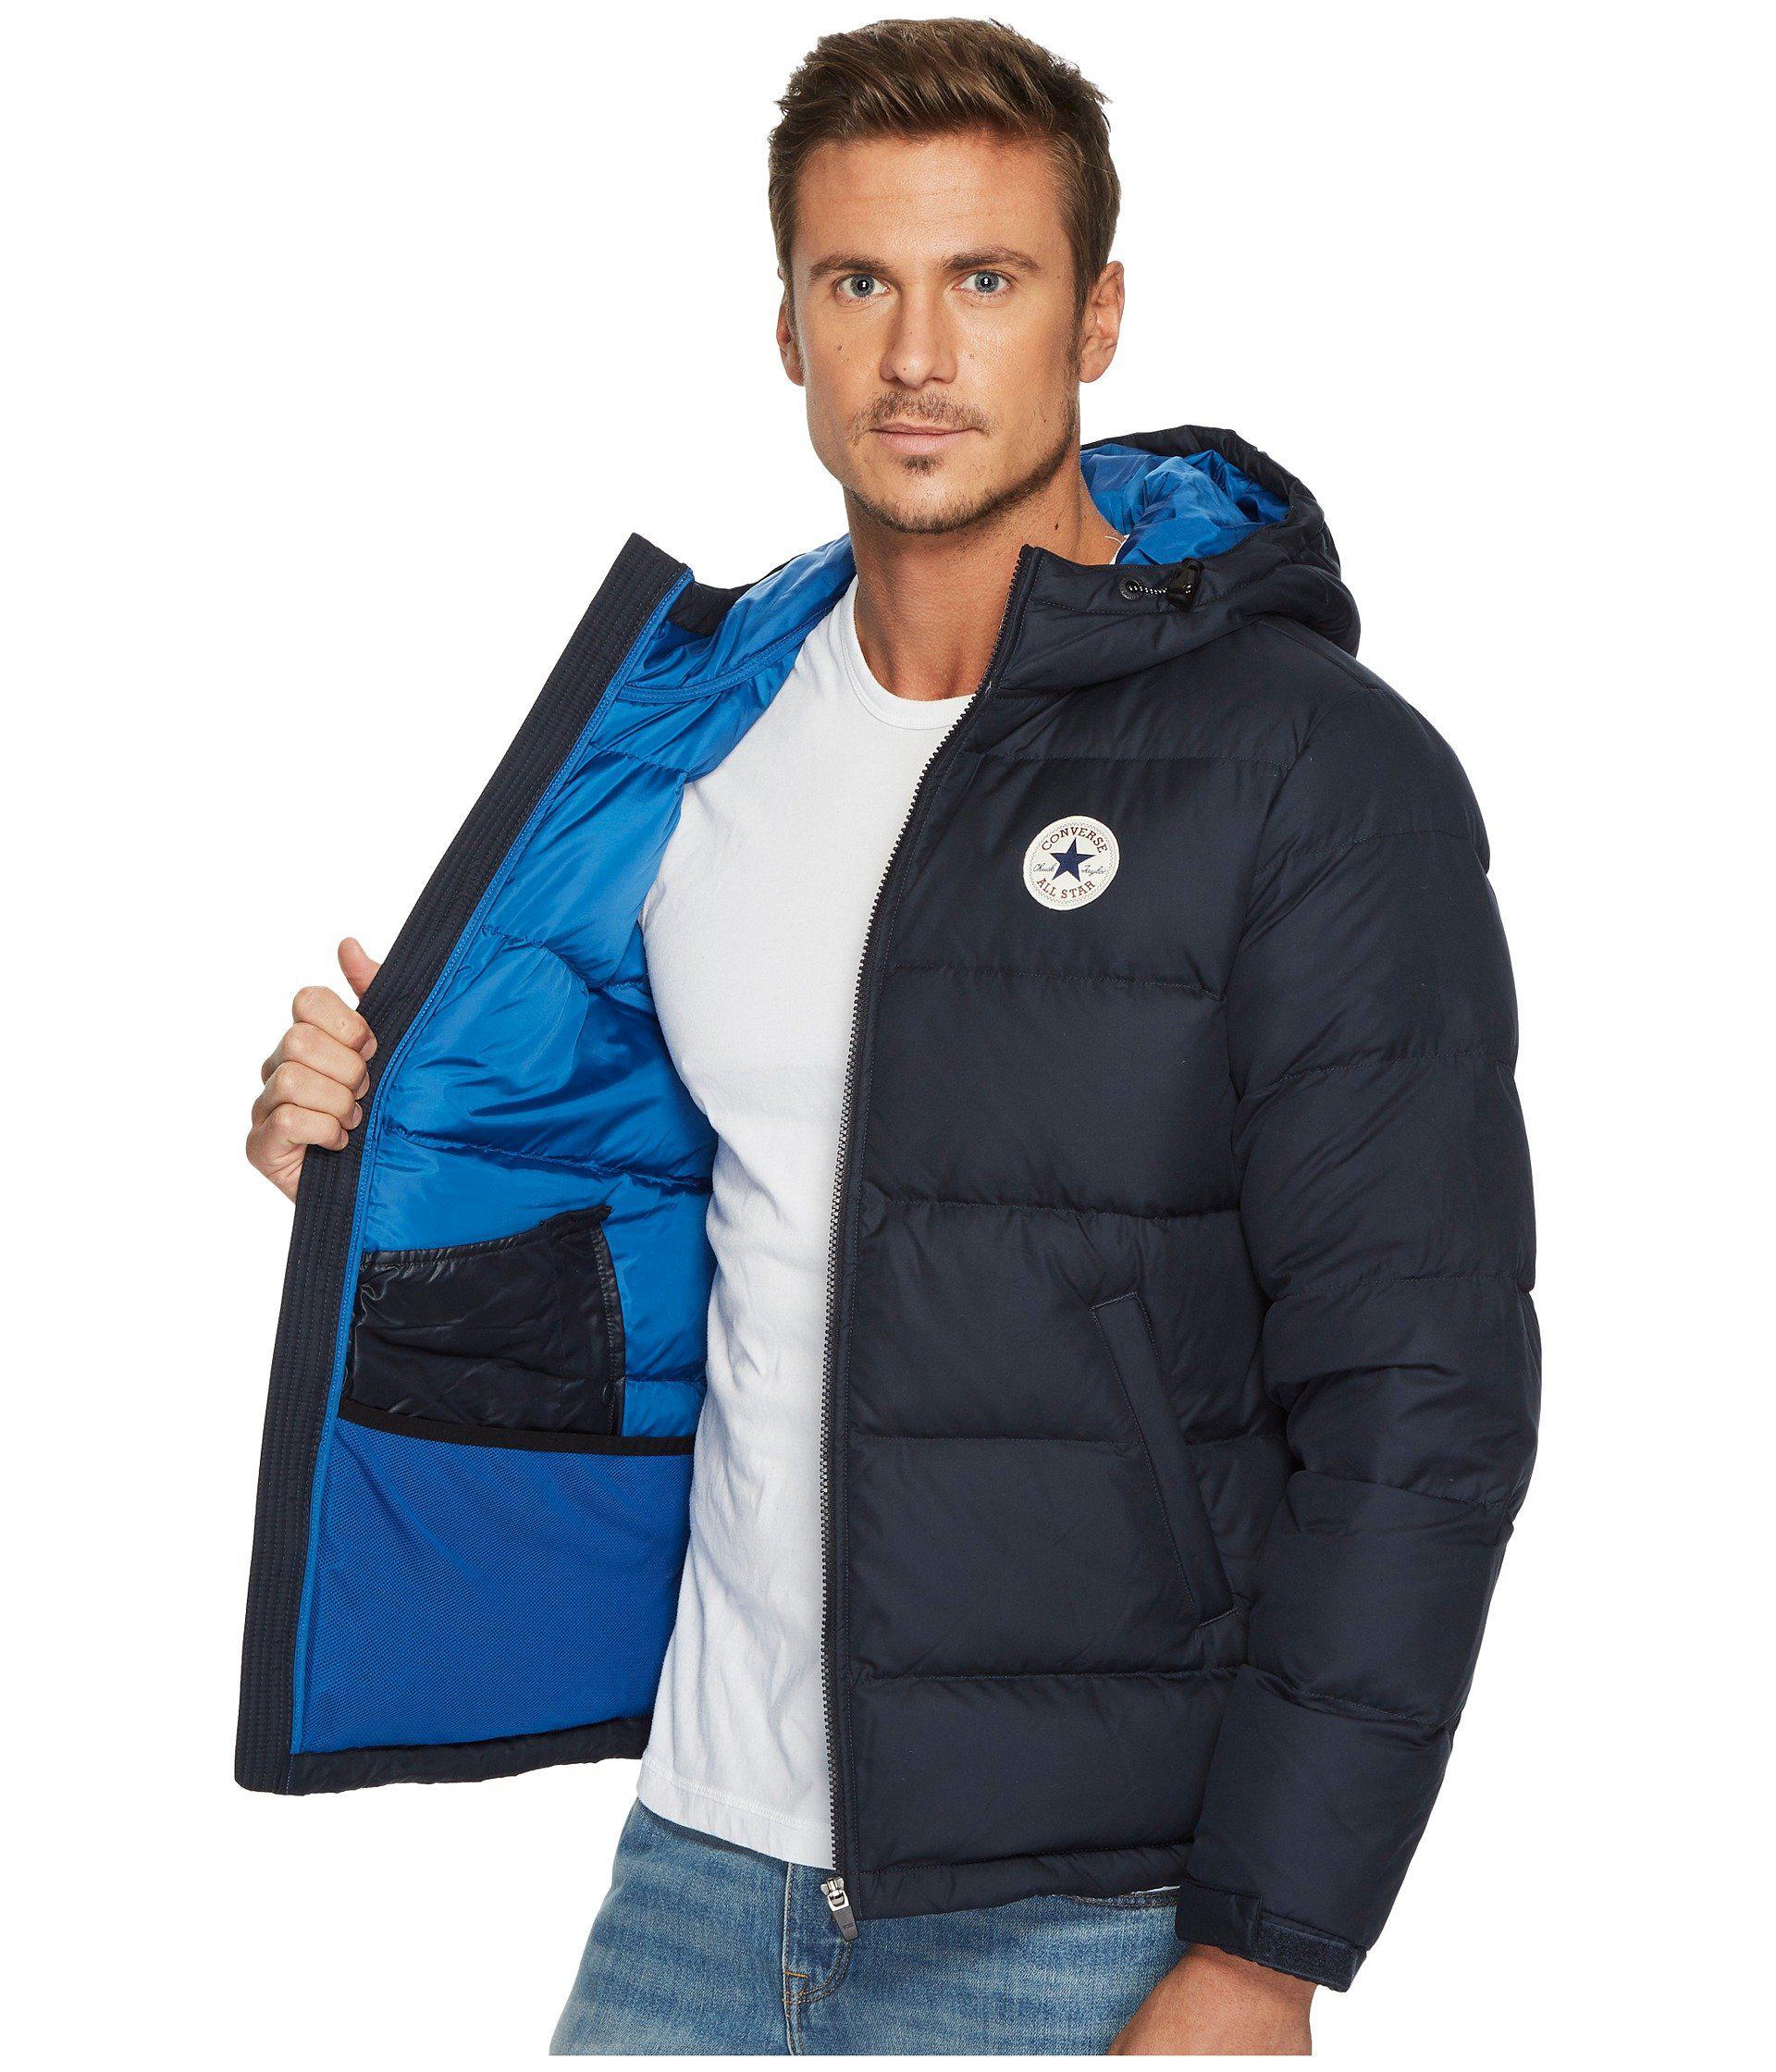 996c1907ab3 Men's Blue Core Down Jacket